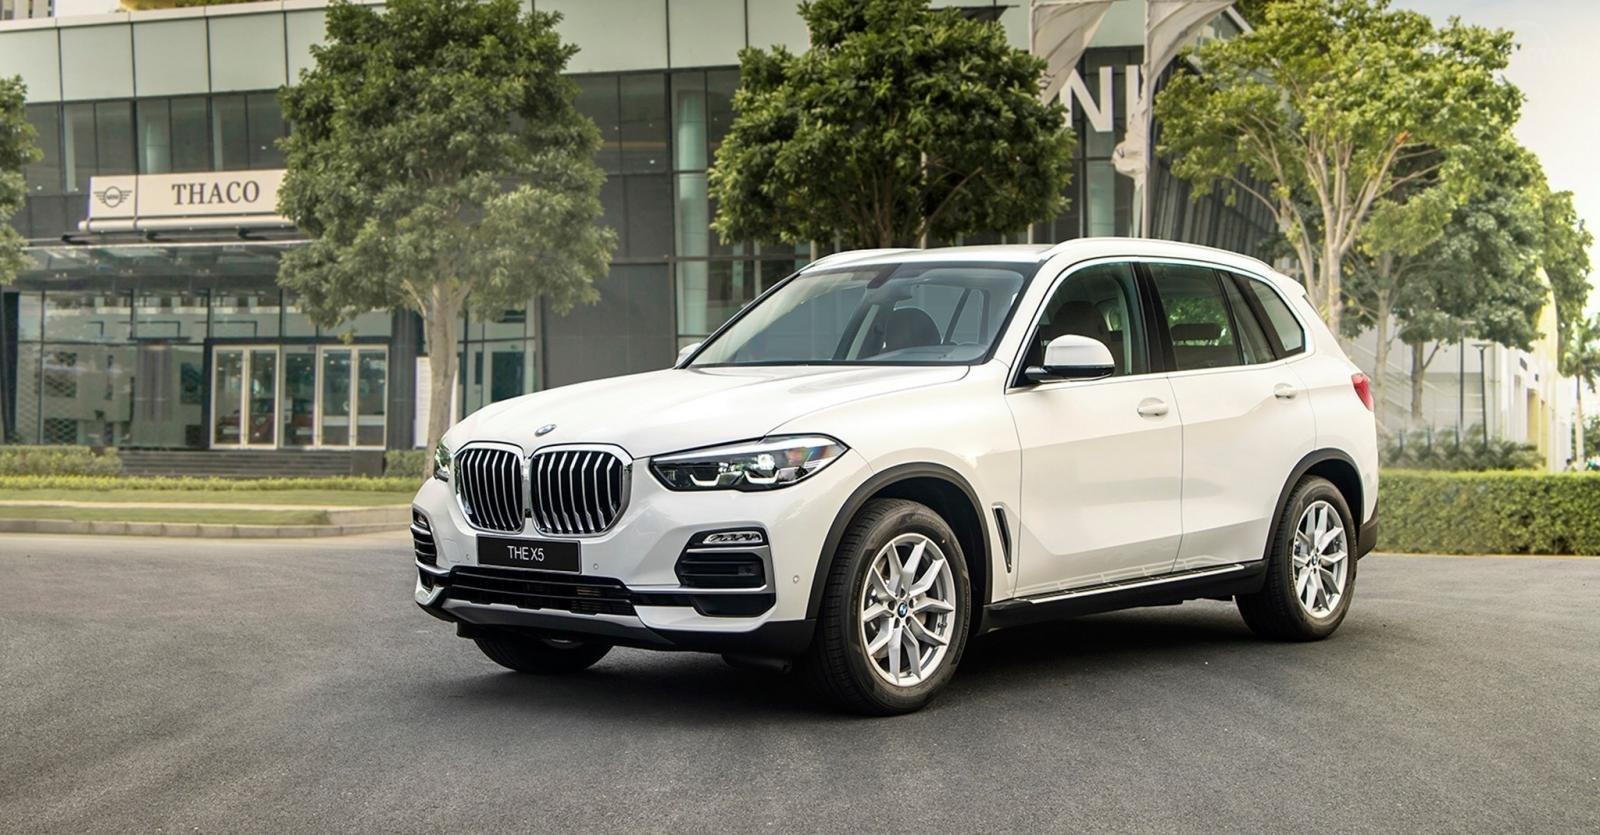 BMW X5 Xdrive 40i 2019 SUV thể thao, mạnh mẽ, màu trắng, xe nhập khẩu Đức 5+2 chỗ (1)